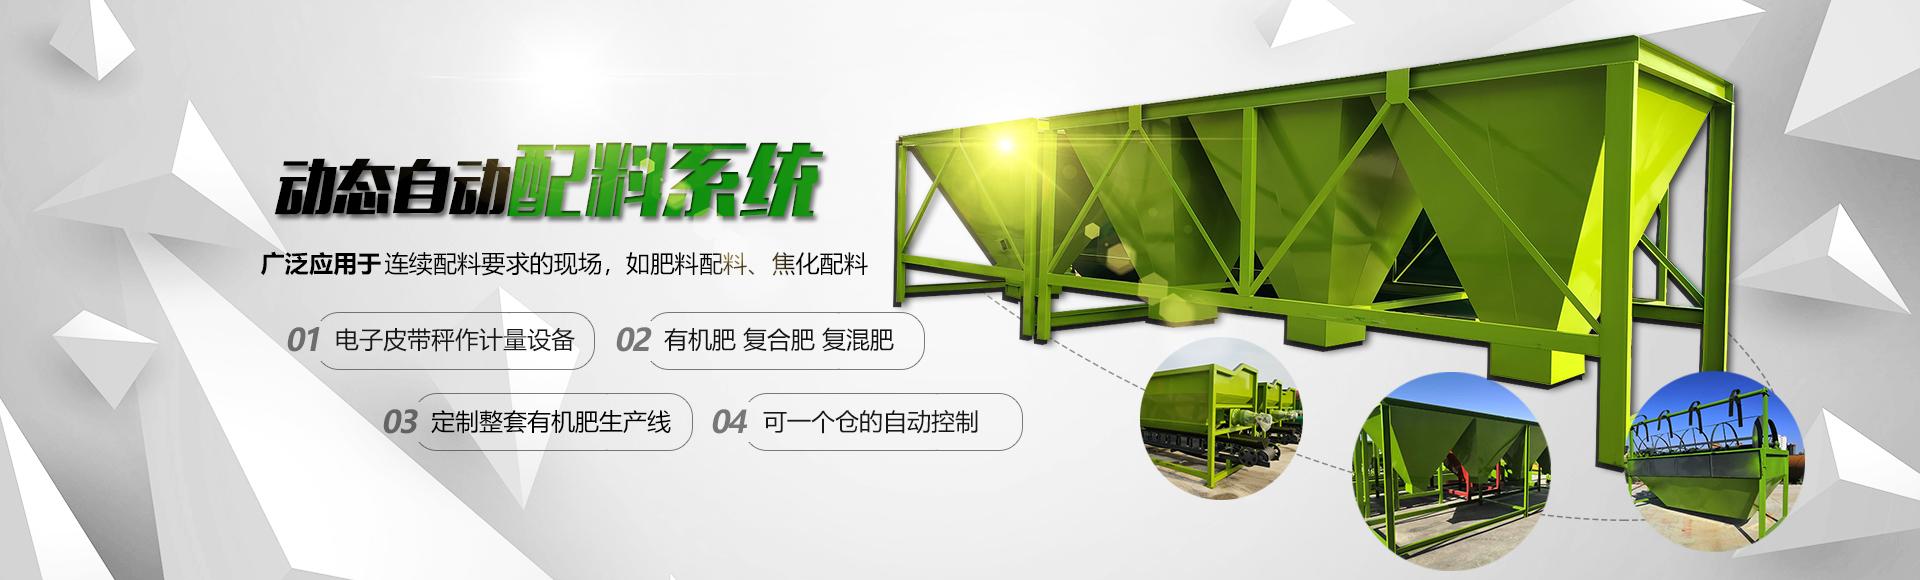 江泰重工机械——以科技成就未来